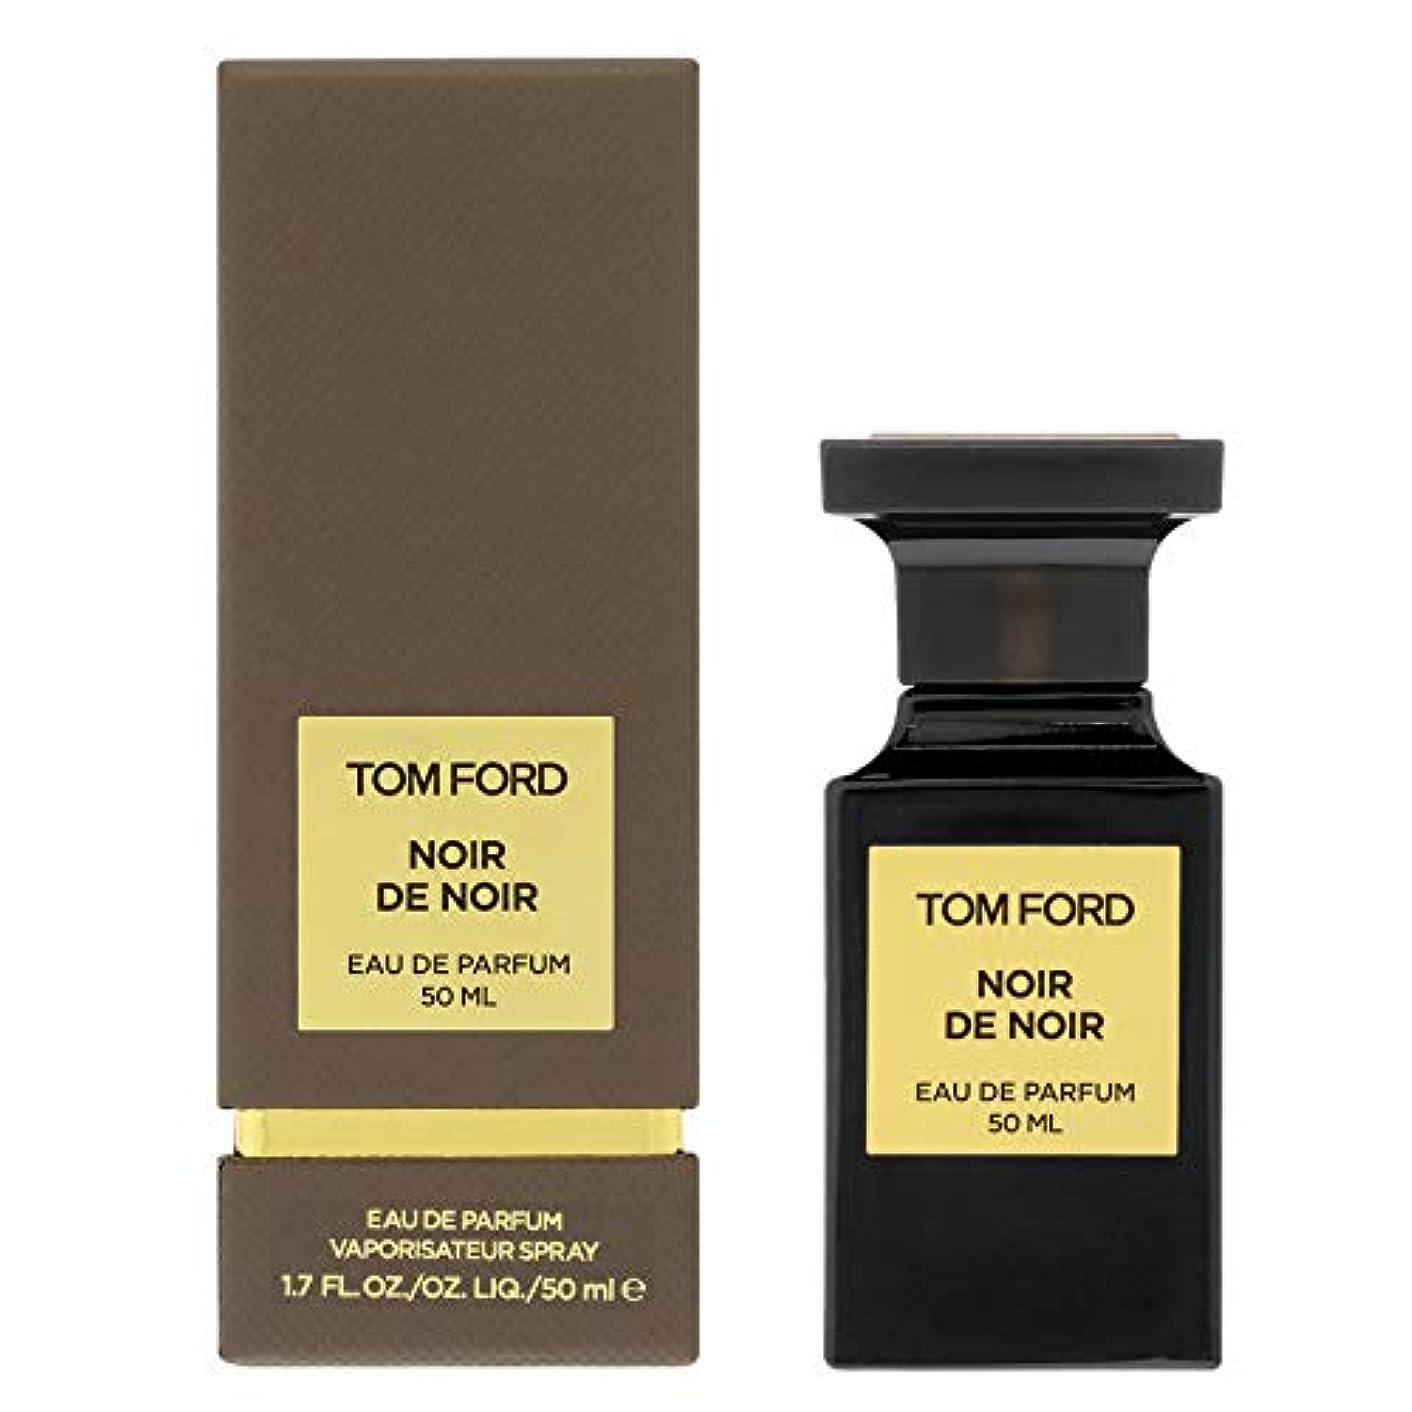 抱擁兵器庫アレルギー性TOM FORD(トムフォード) トムフォード ノワール デ ノワール オードパルファム 50mL